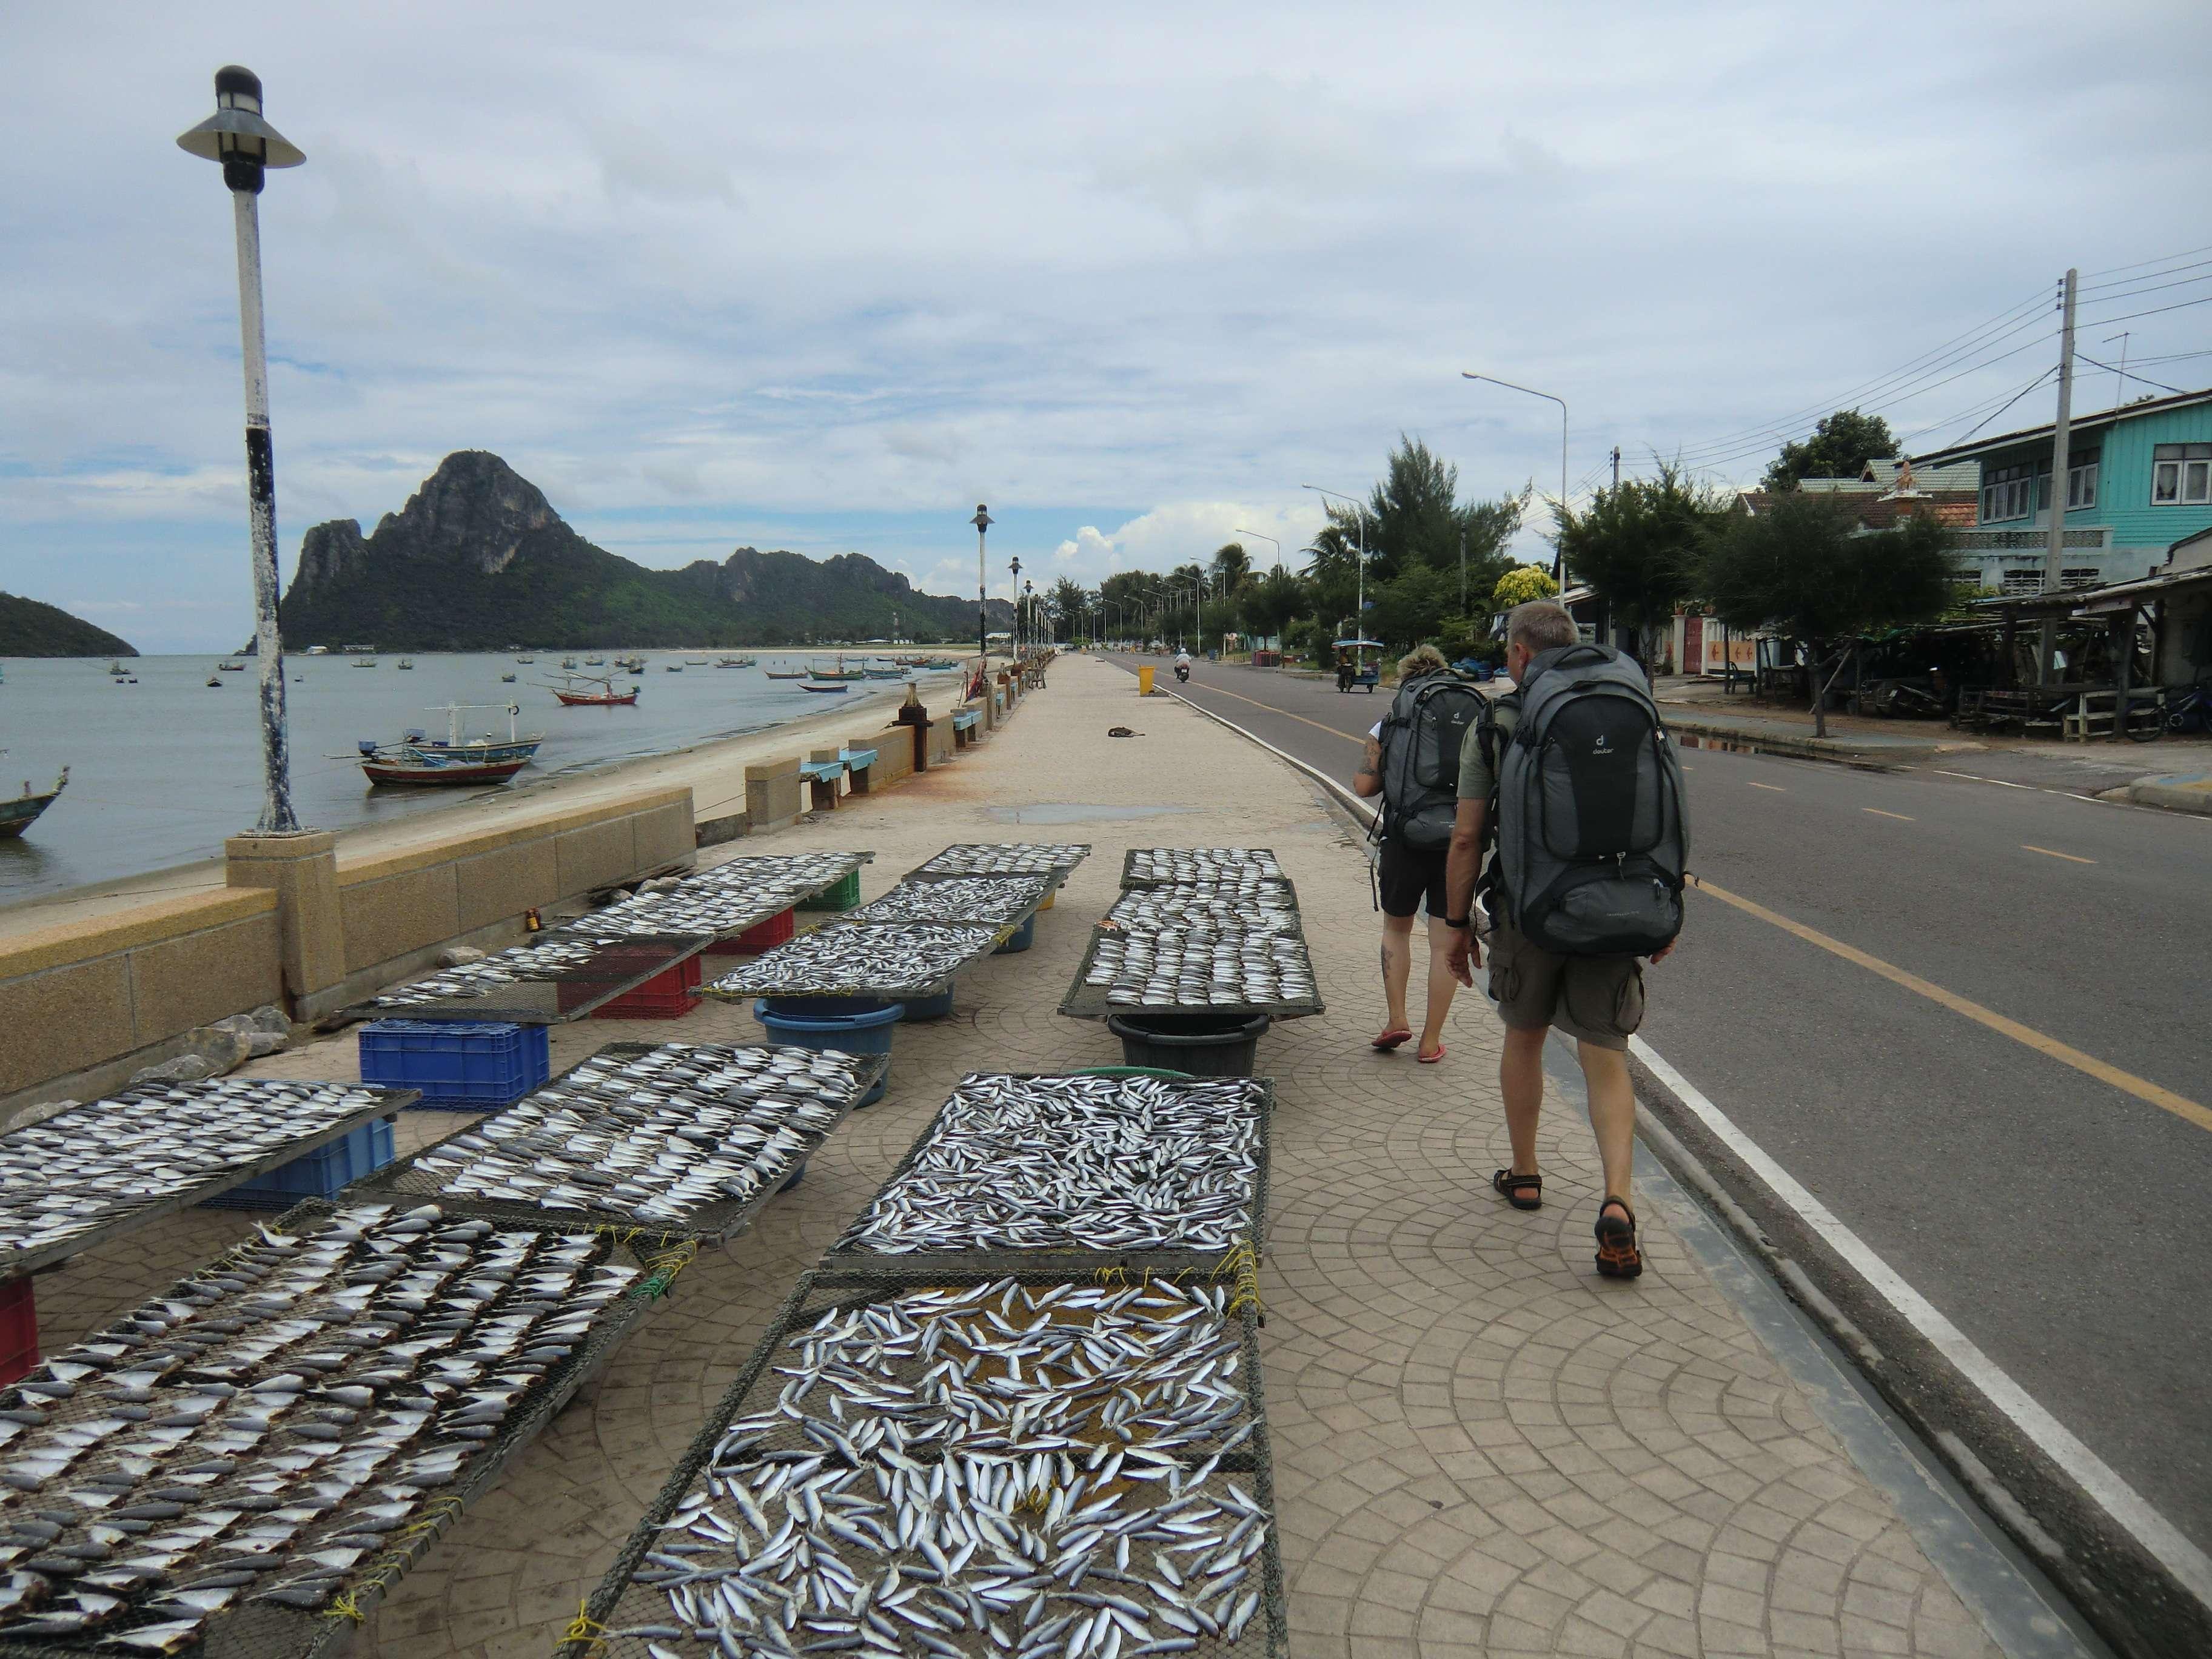 der beschwerliche Weg an etwas riechenden Fischen vorbei